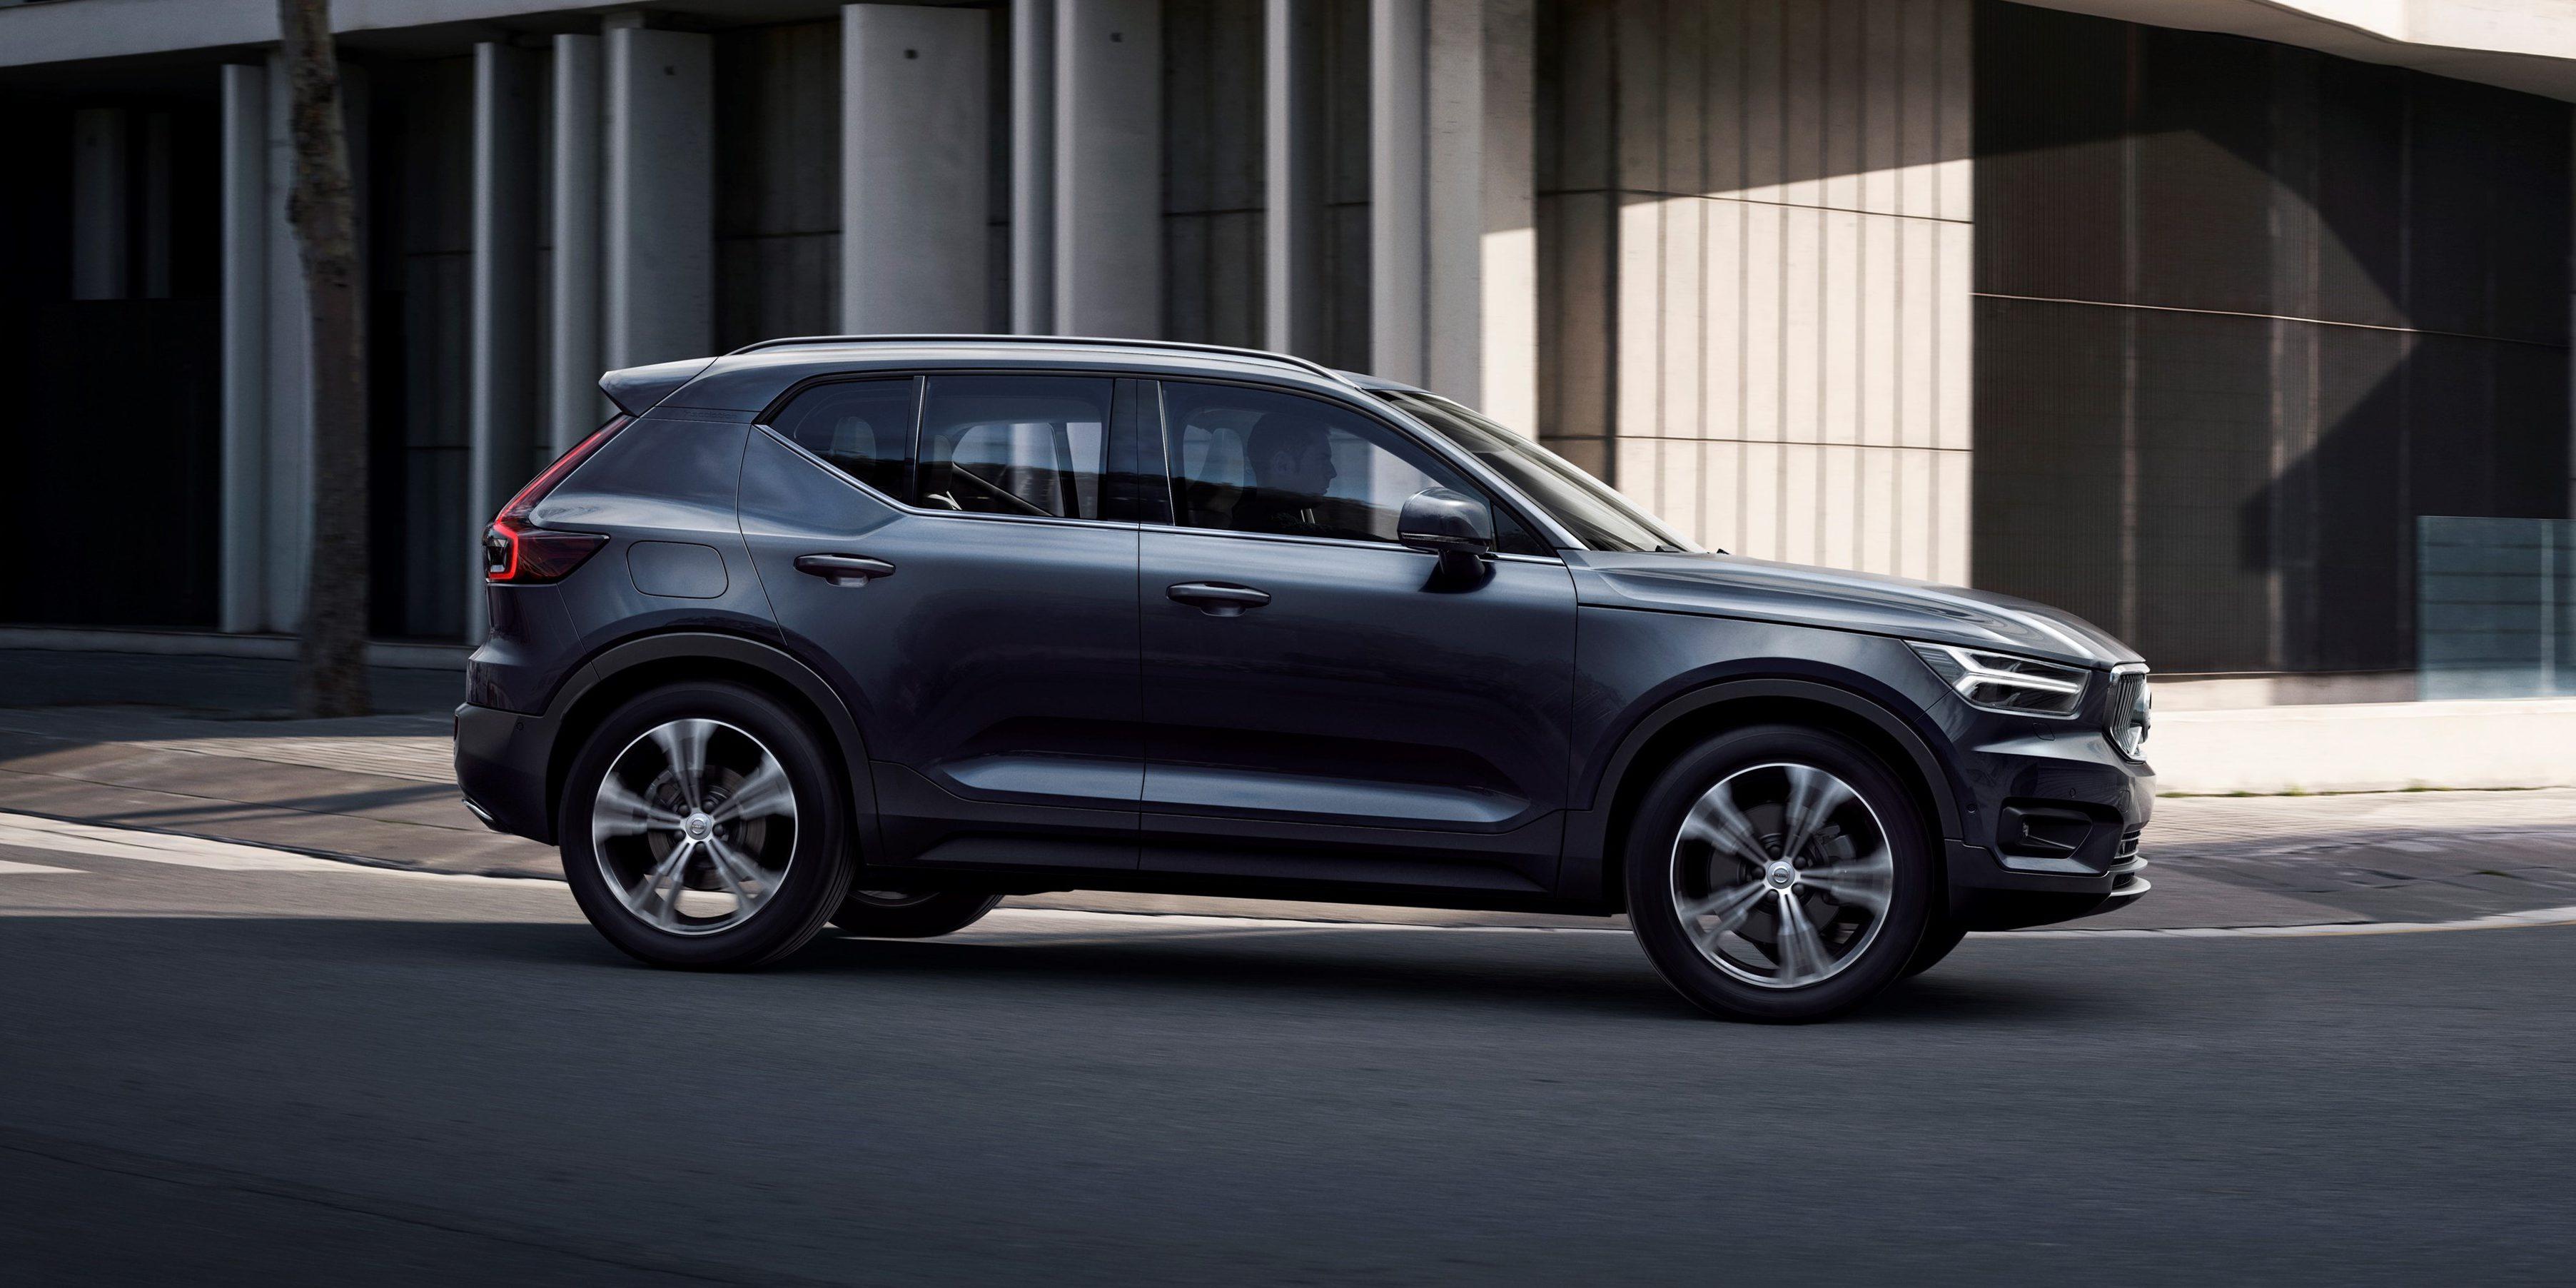 Tesla Hires Lead Designer Behind Volvo S Praised Xc40 Suv